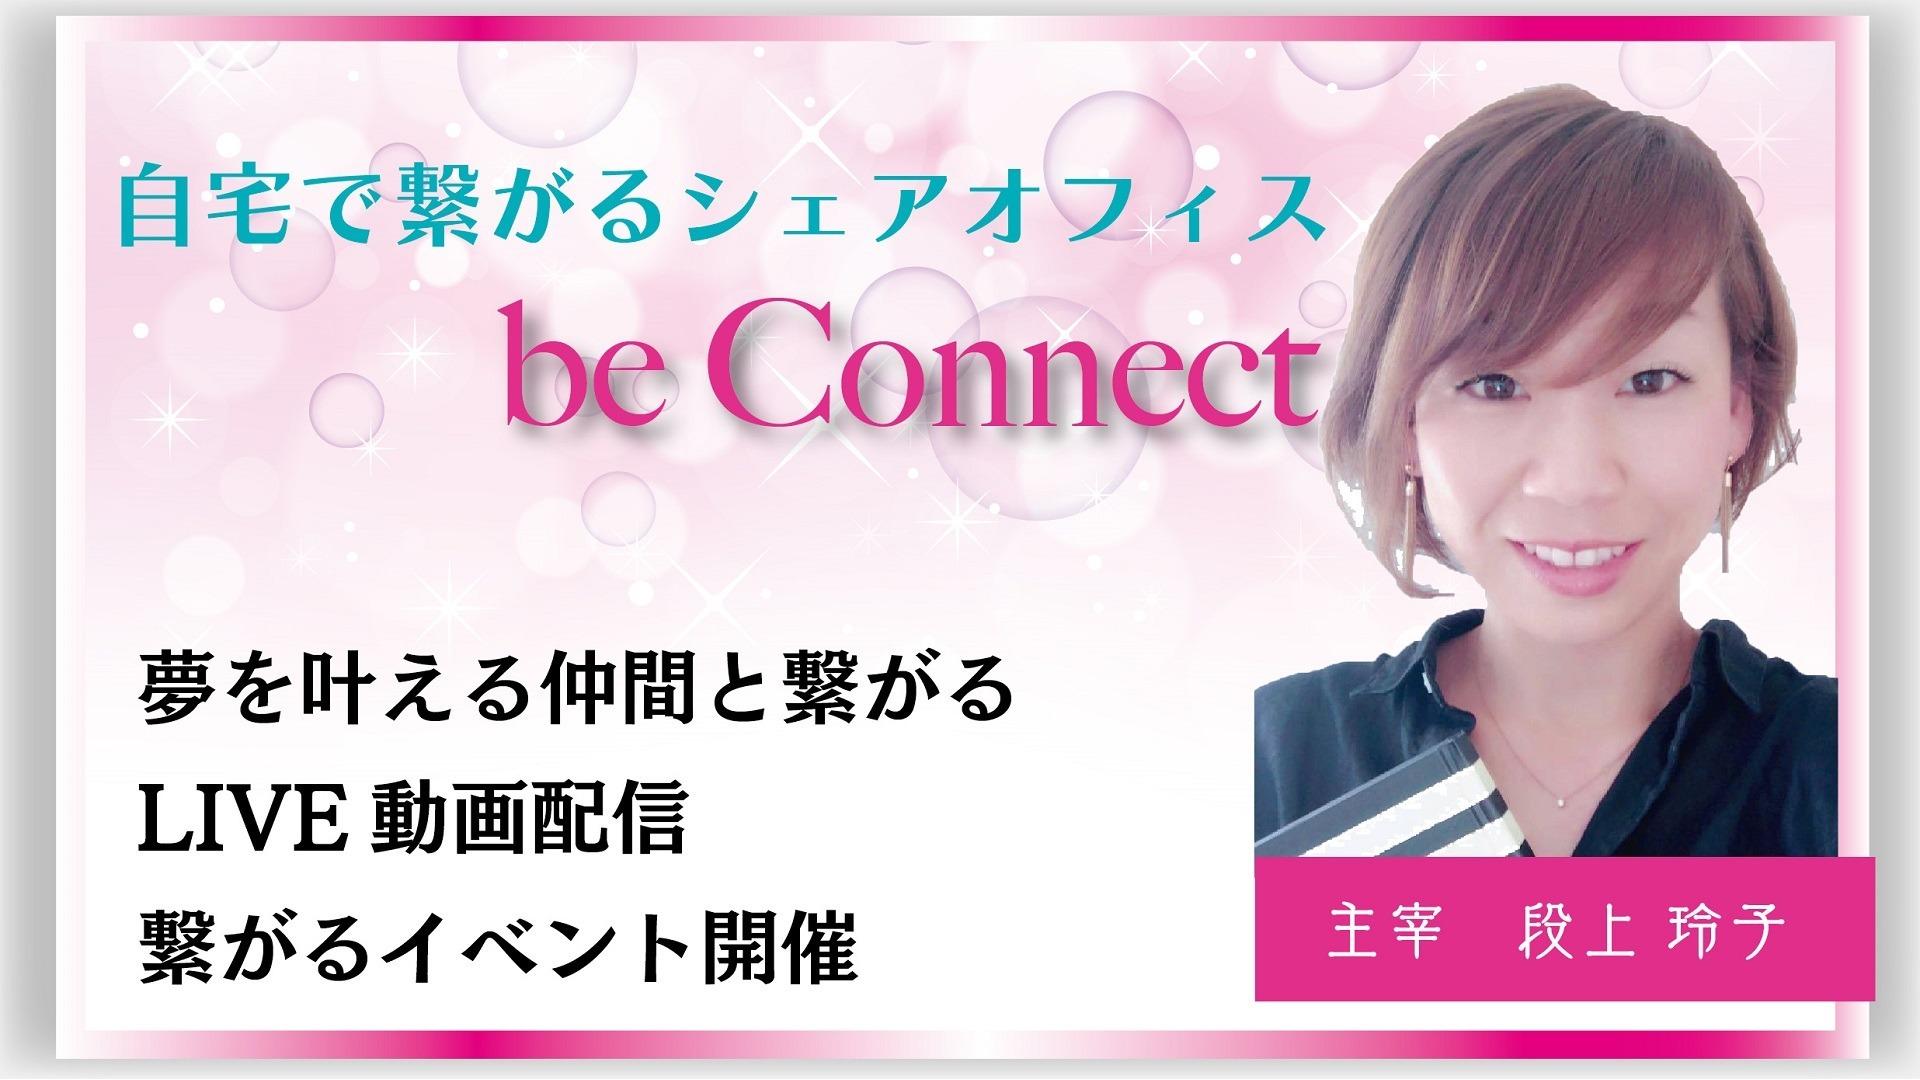 自宅で繋がるシェアオフィス「be Connect」